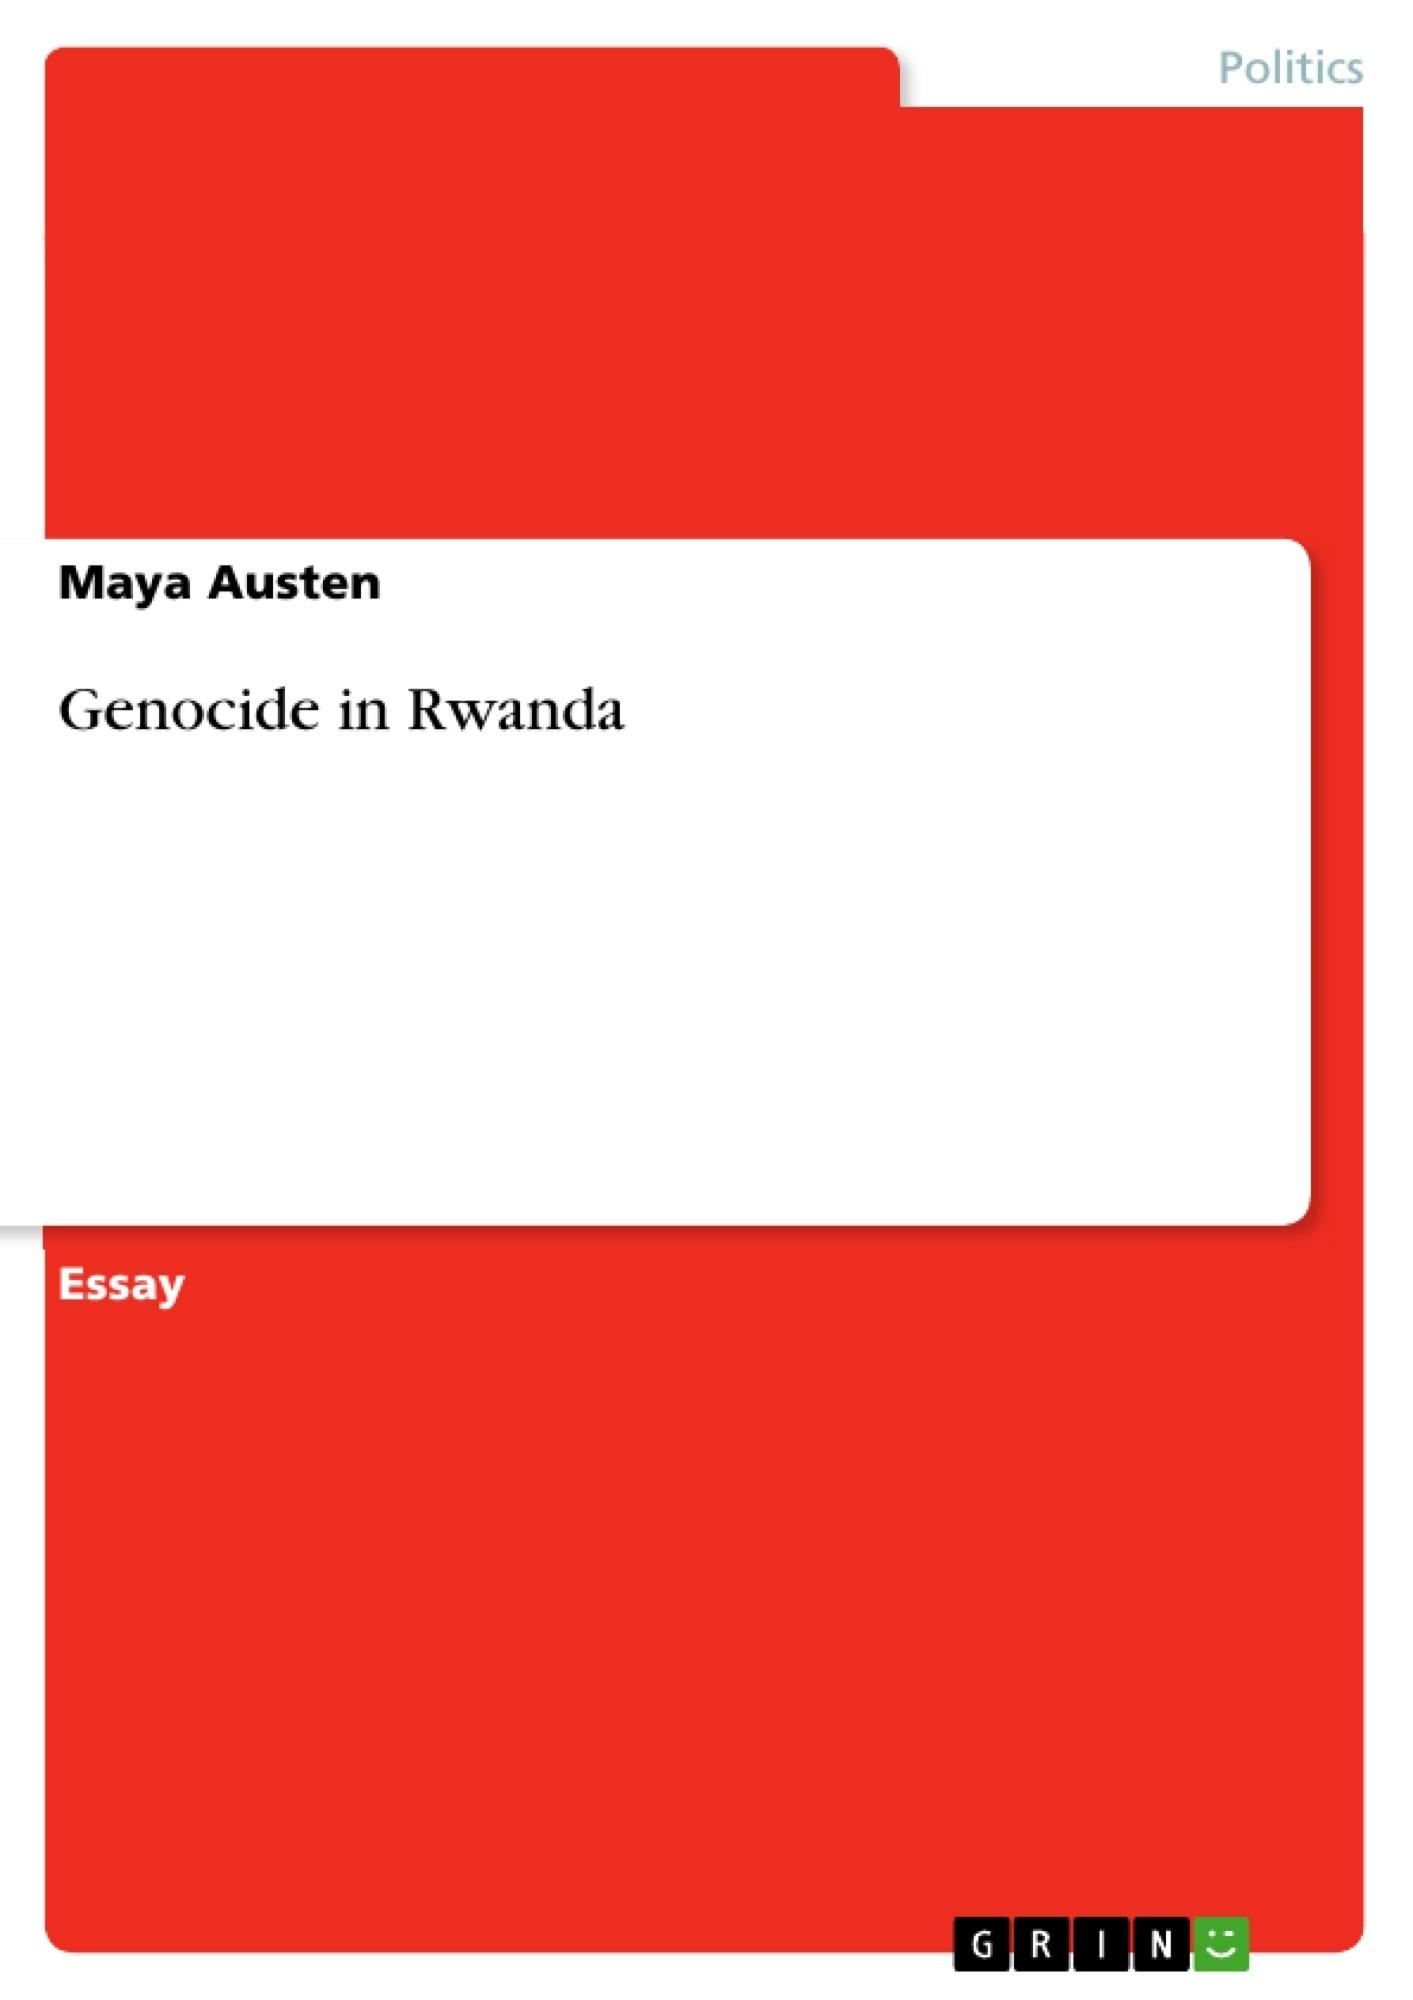 Title: Genocide in Rwanda